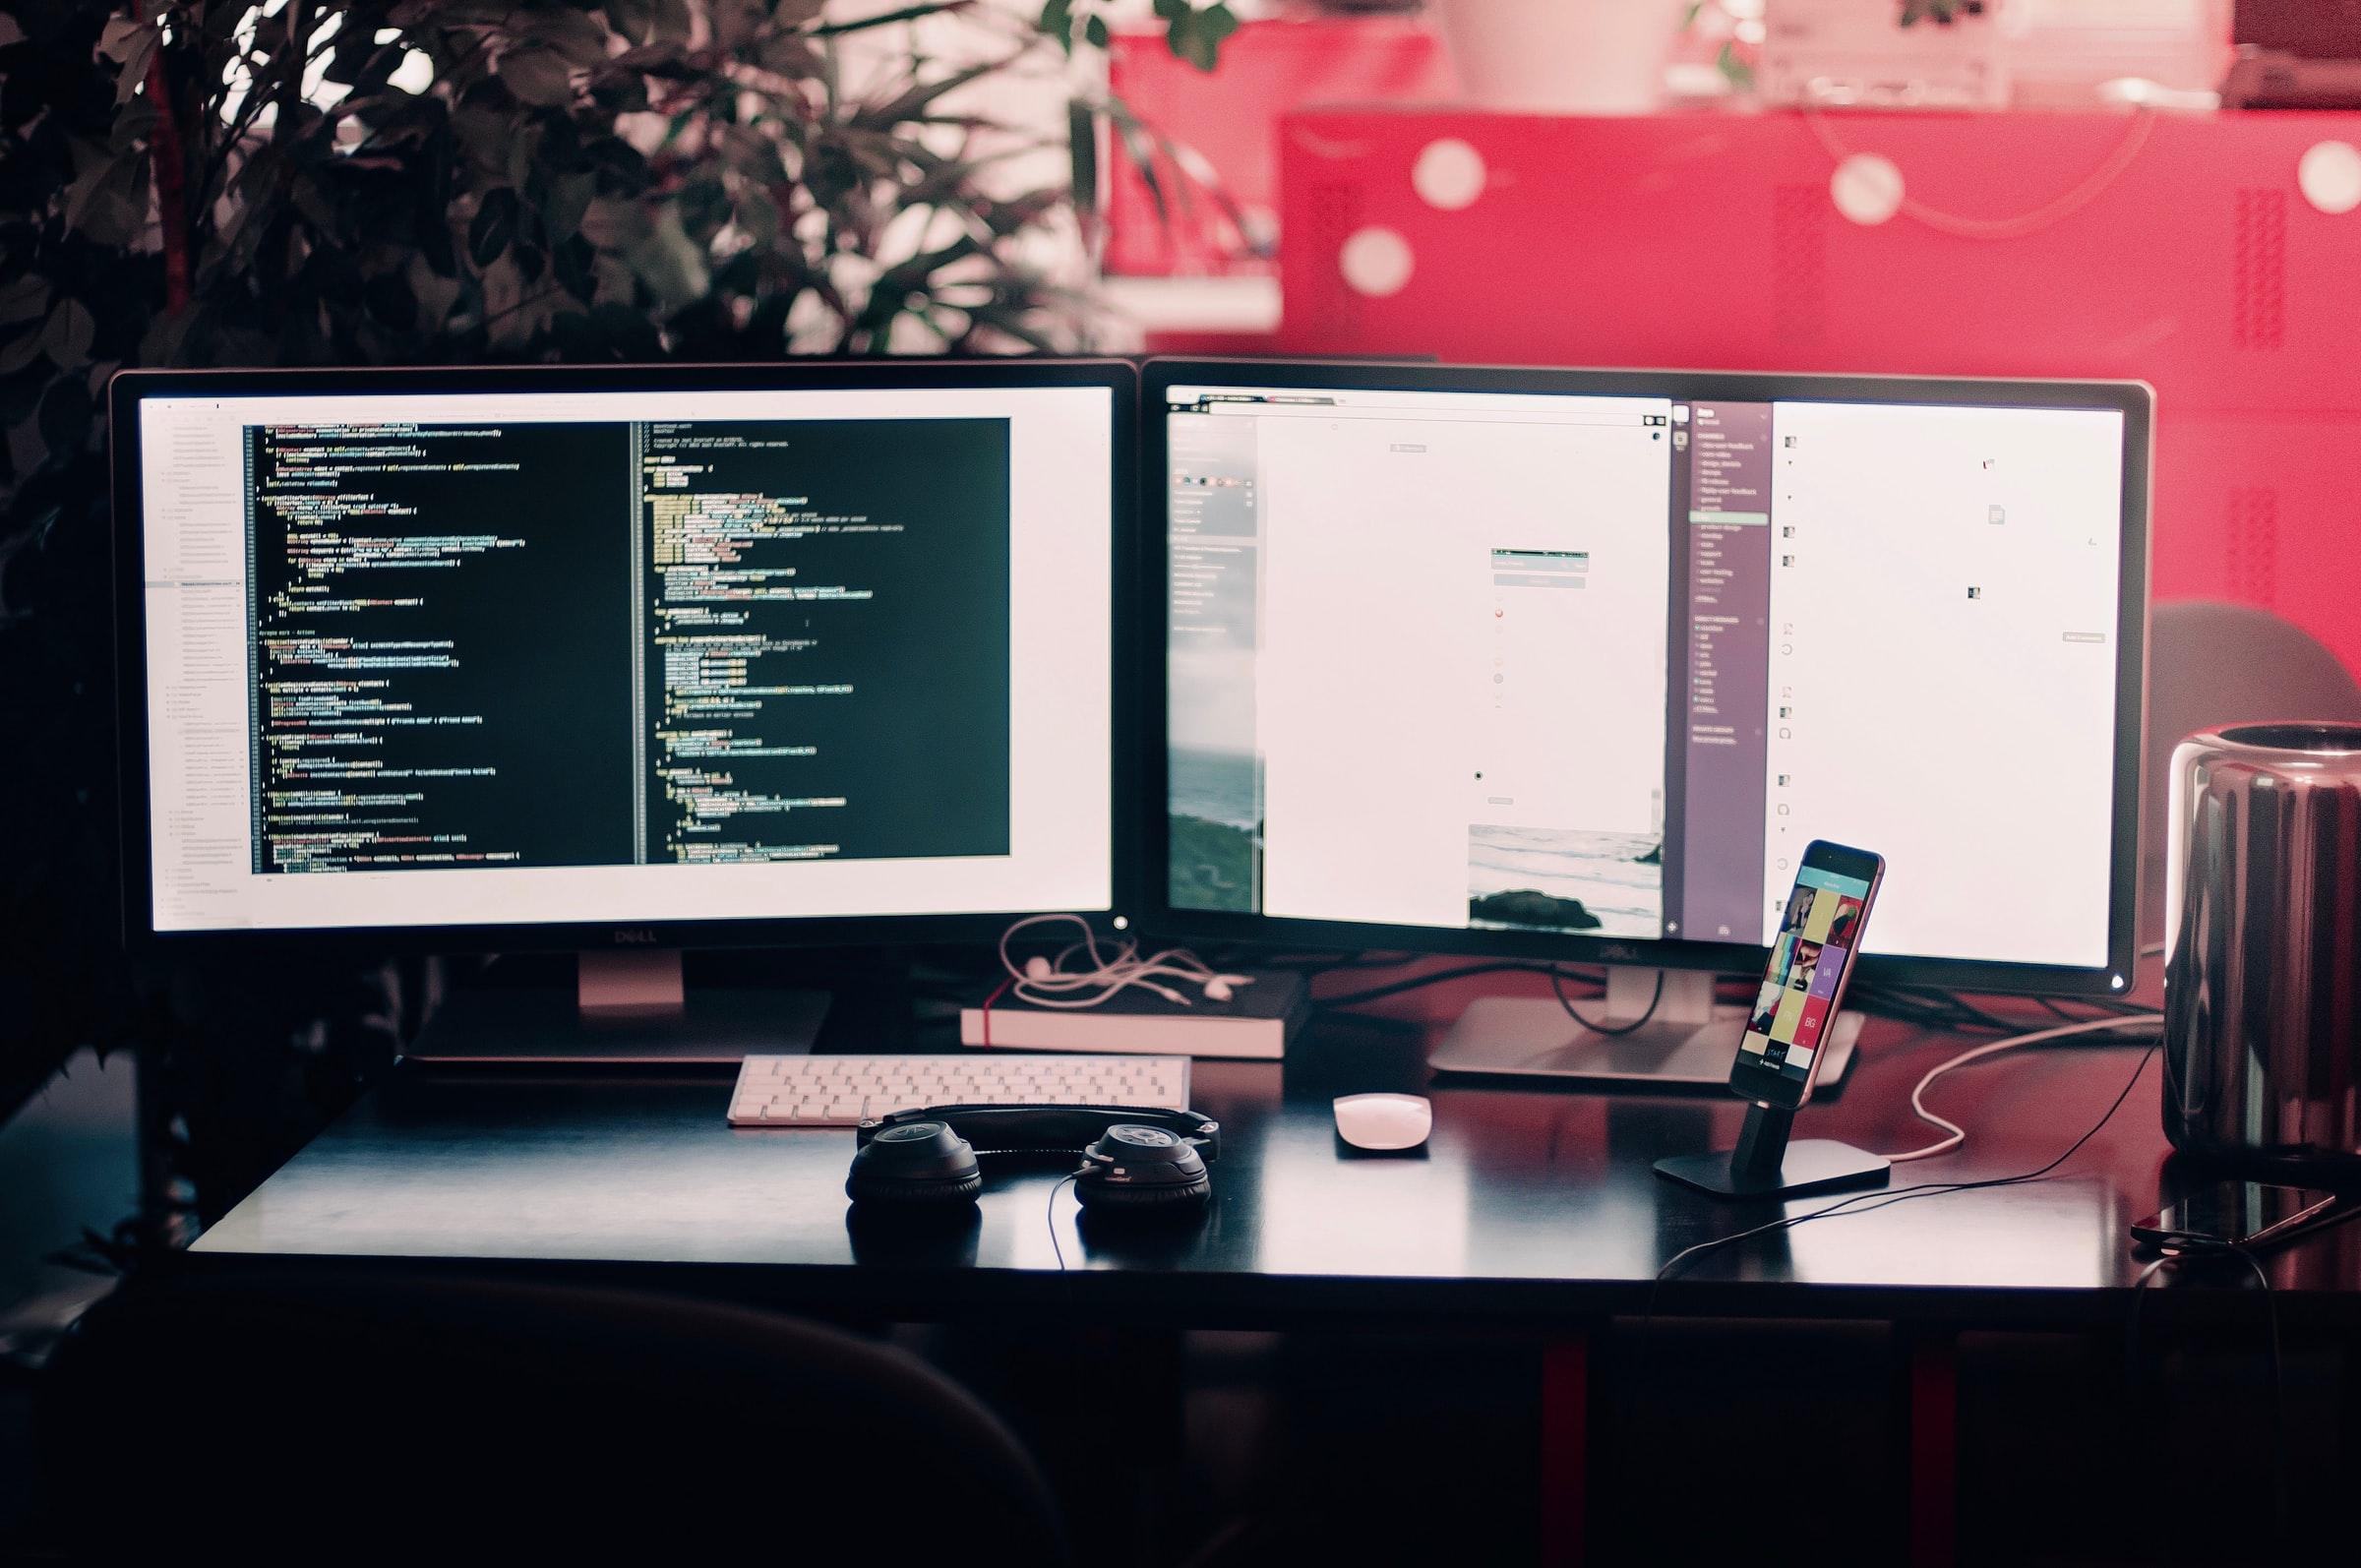 使用 Azure DevTest Lab 搭建云端开发测试环境